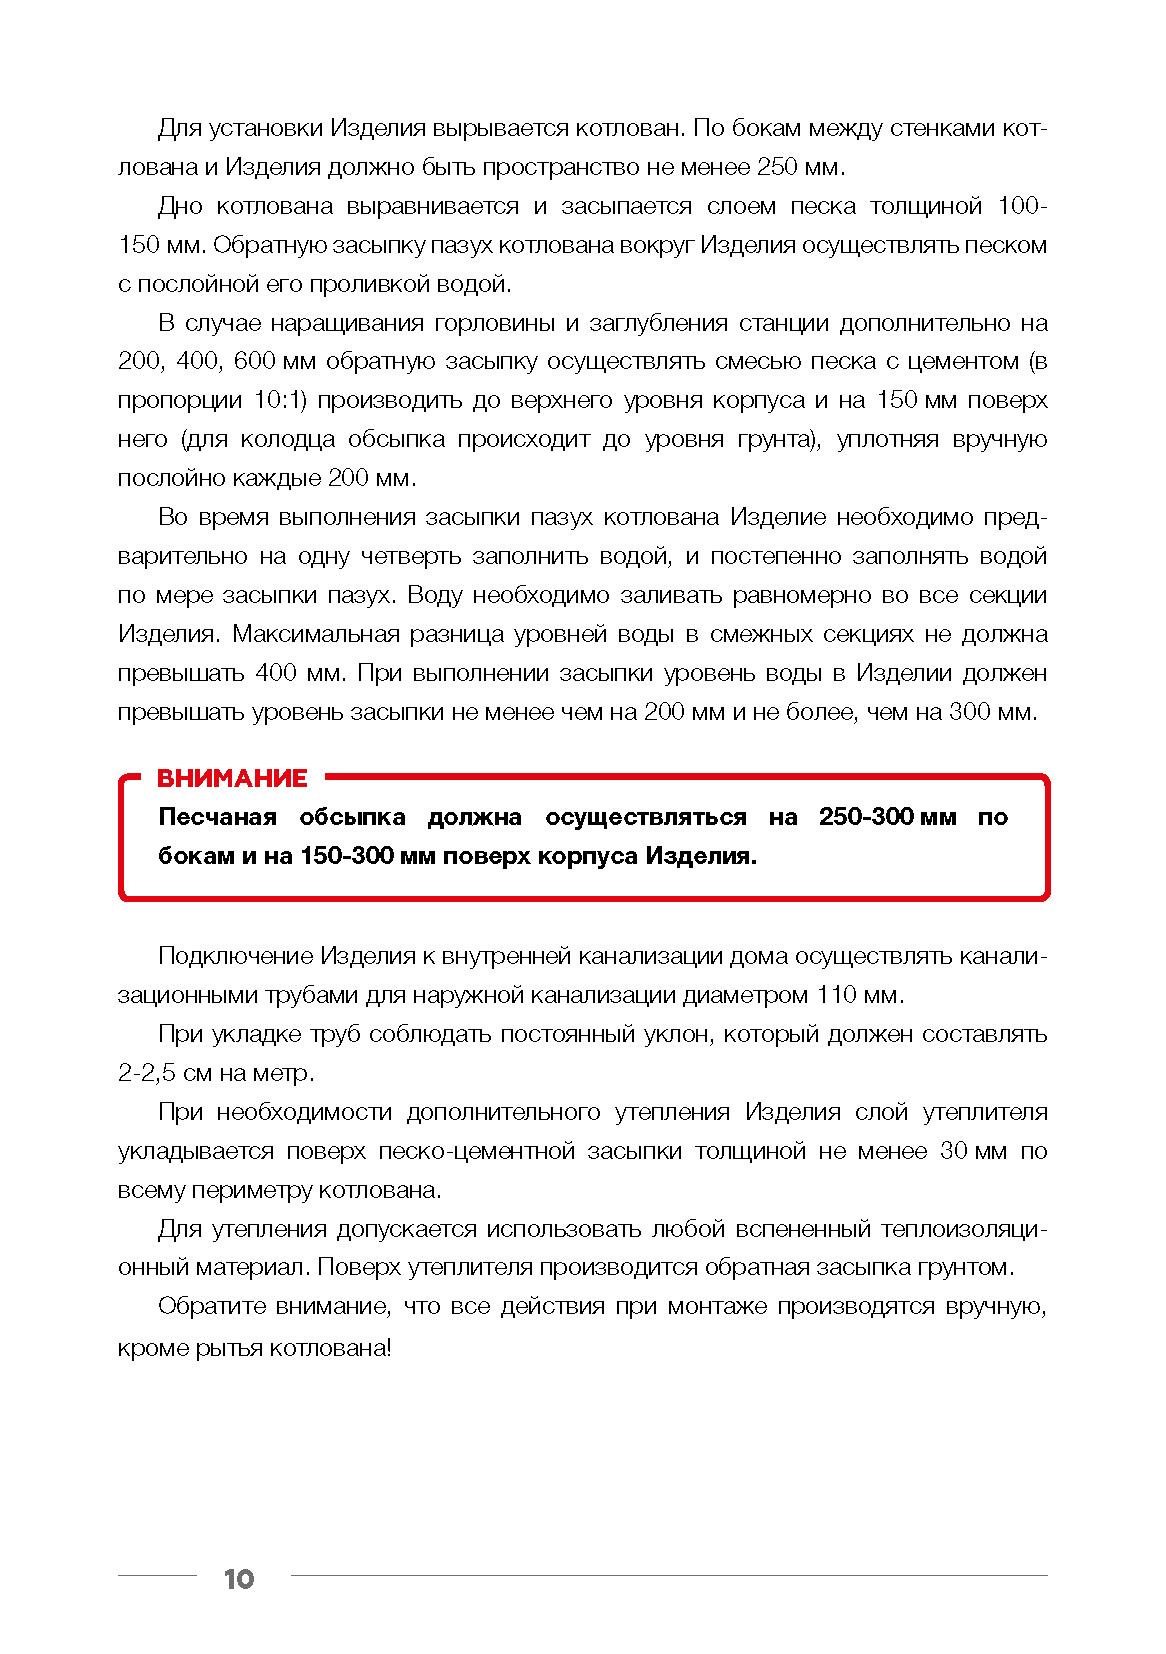 Технический паспорт Евролос Про_Страница_12